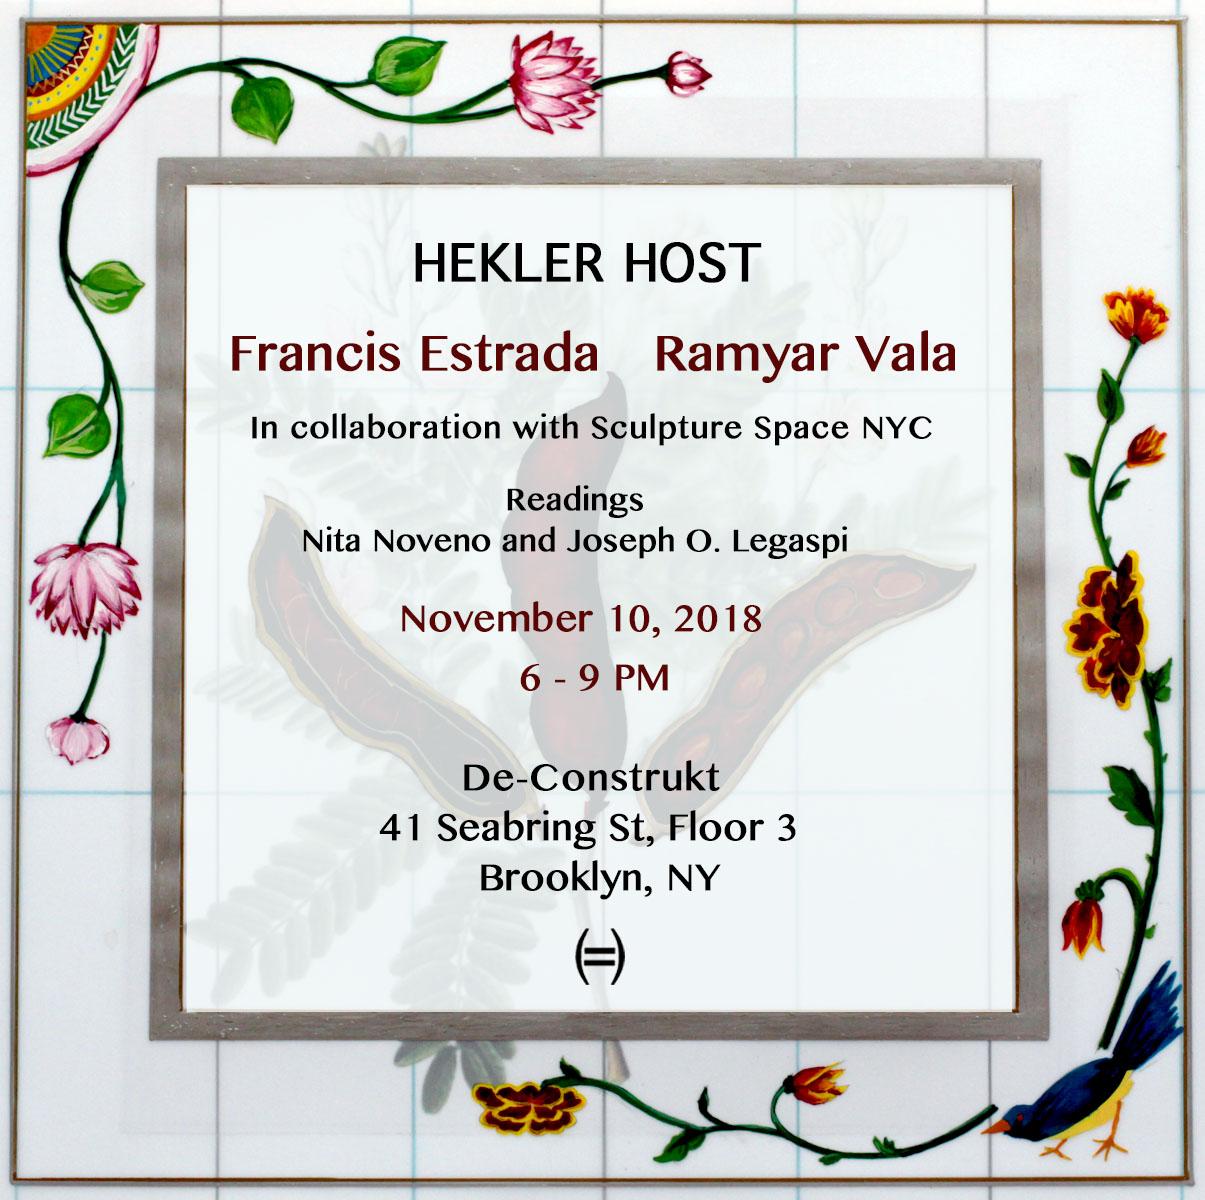 HH_E+V_SS_NN_JL_Invite.jpg